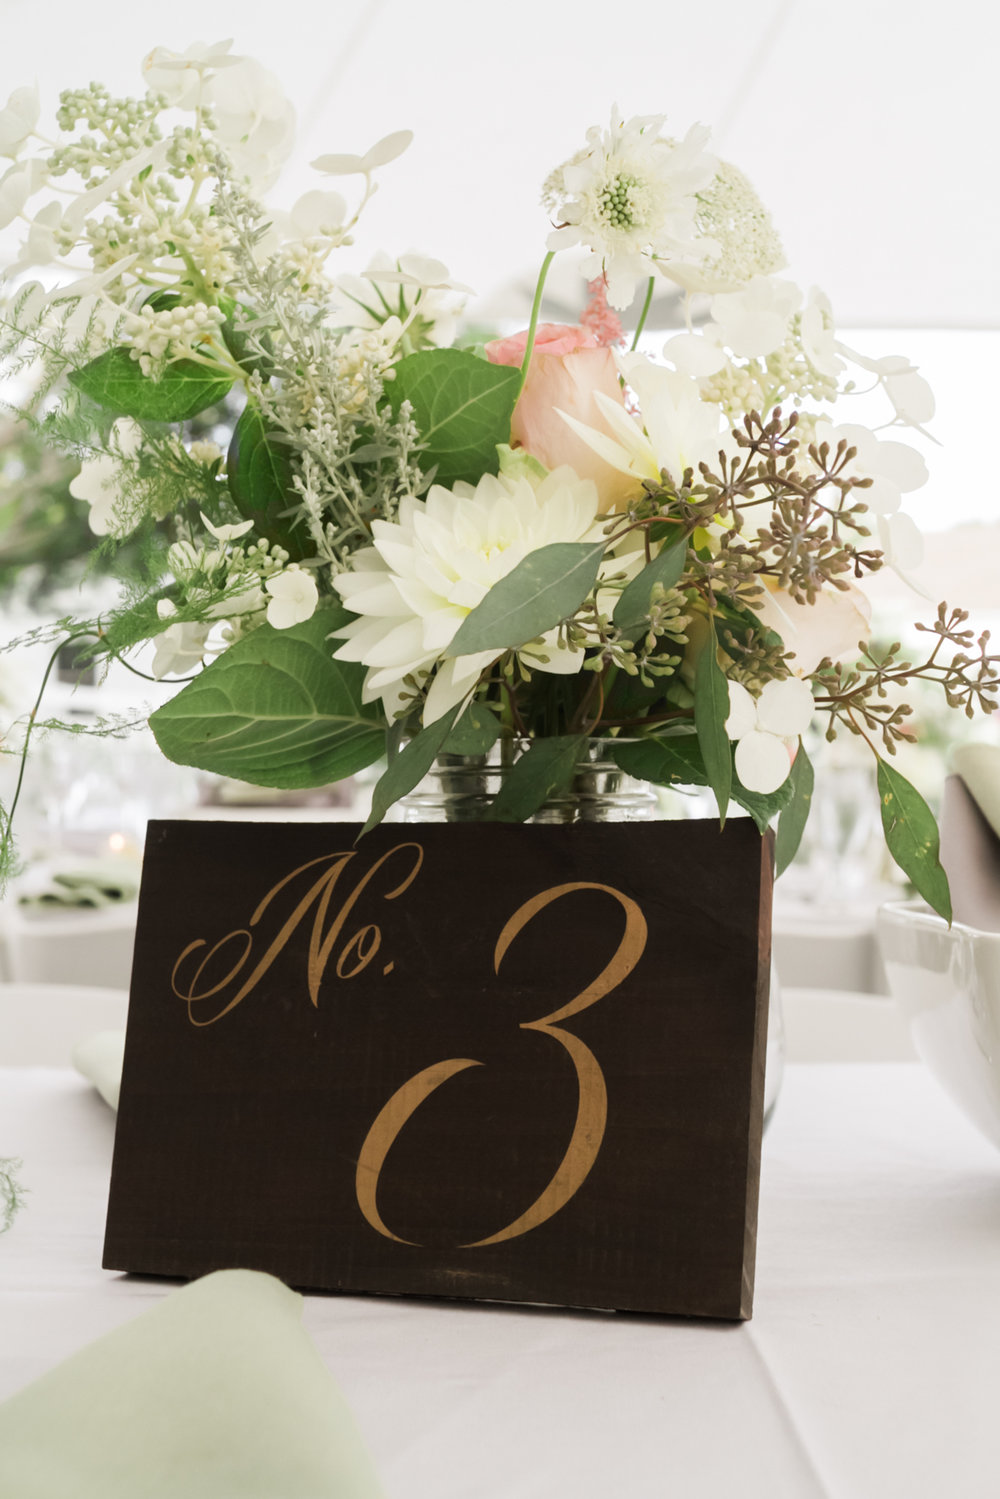 Hudson-valley-weddings-181.JPG